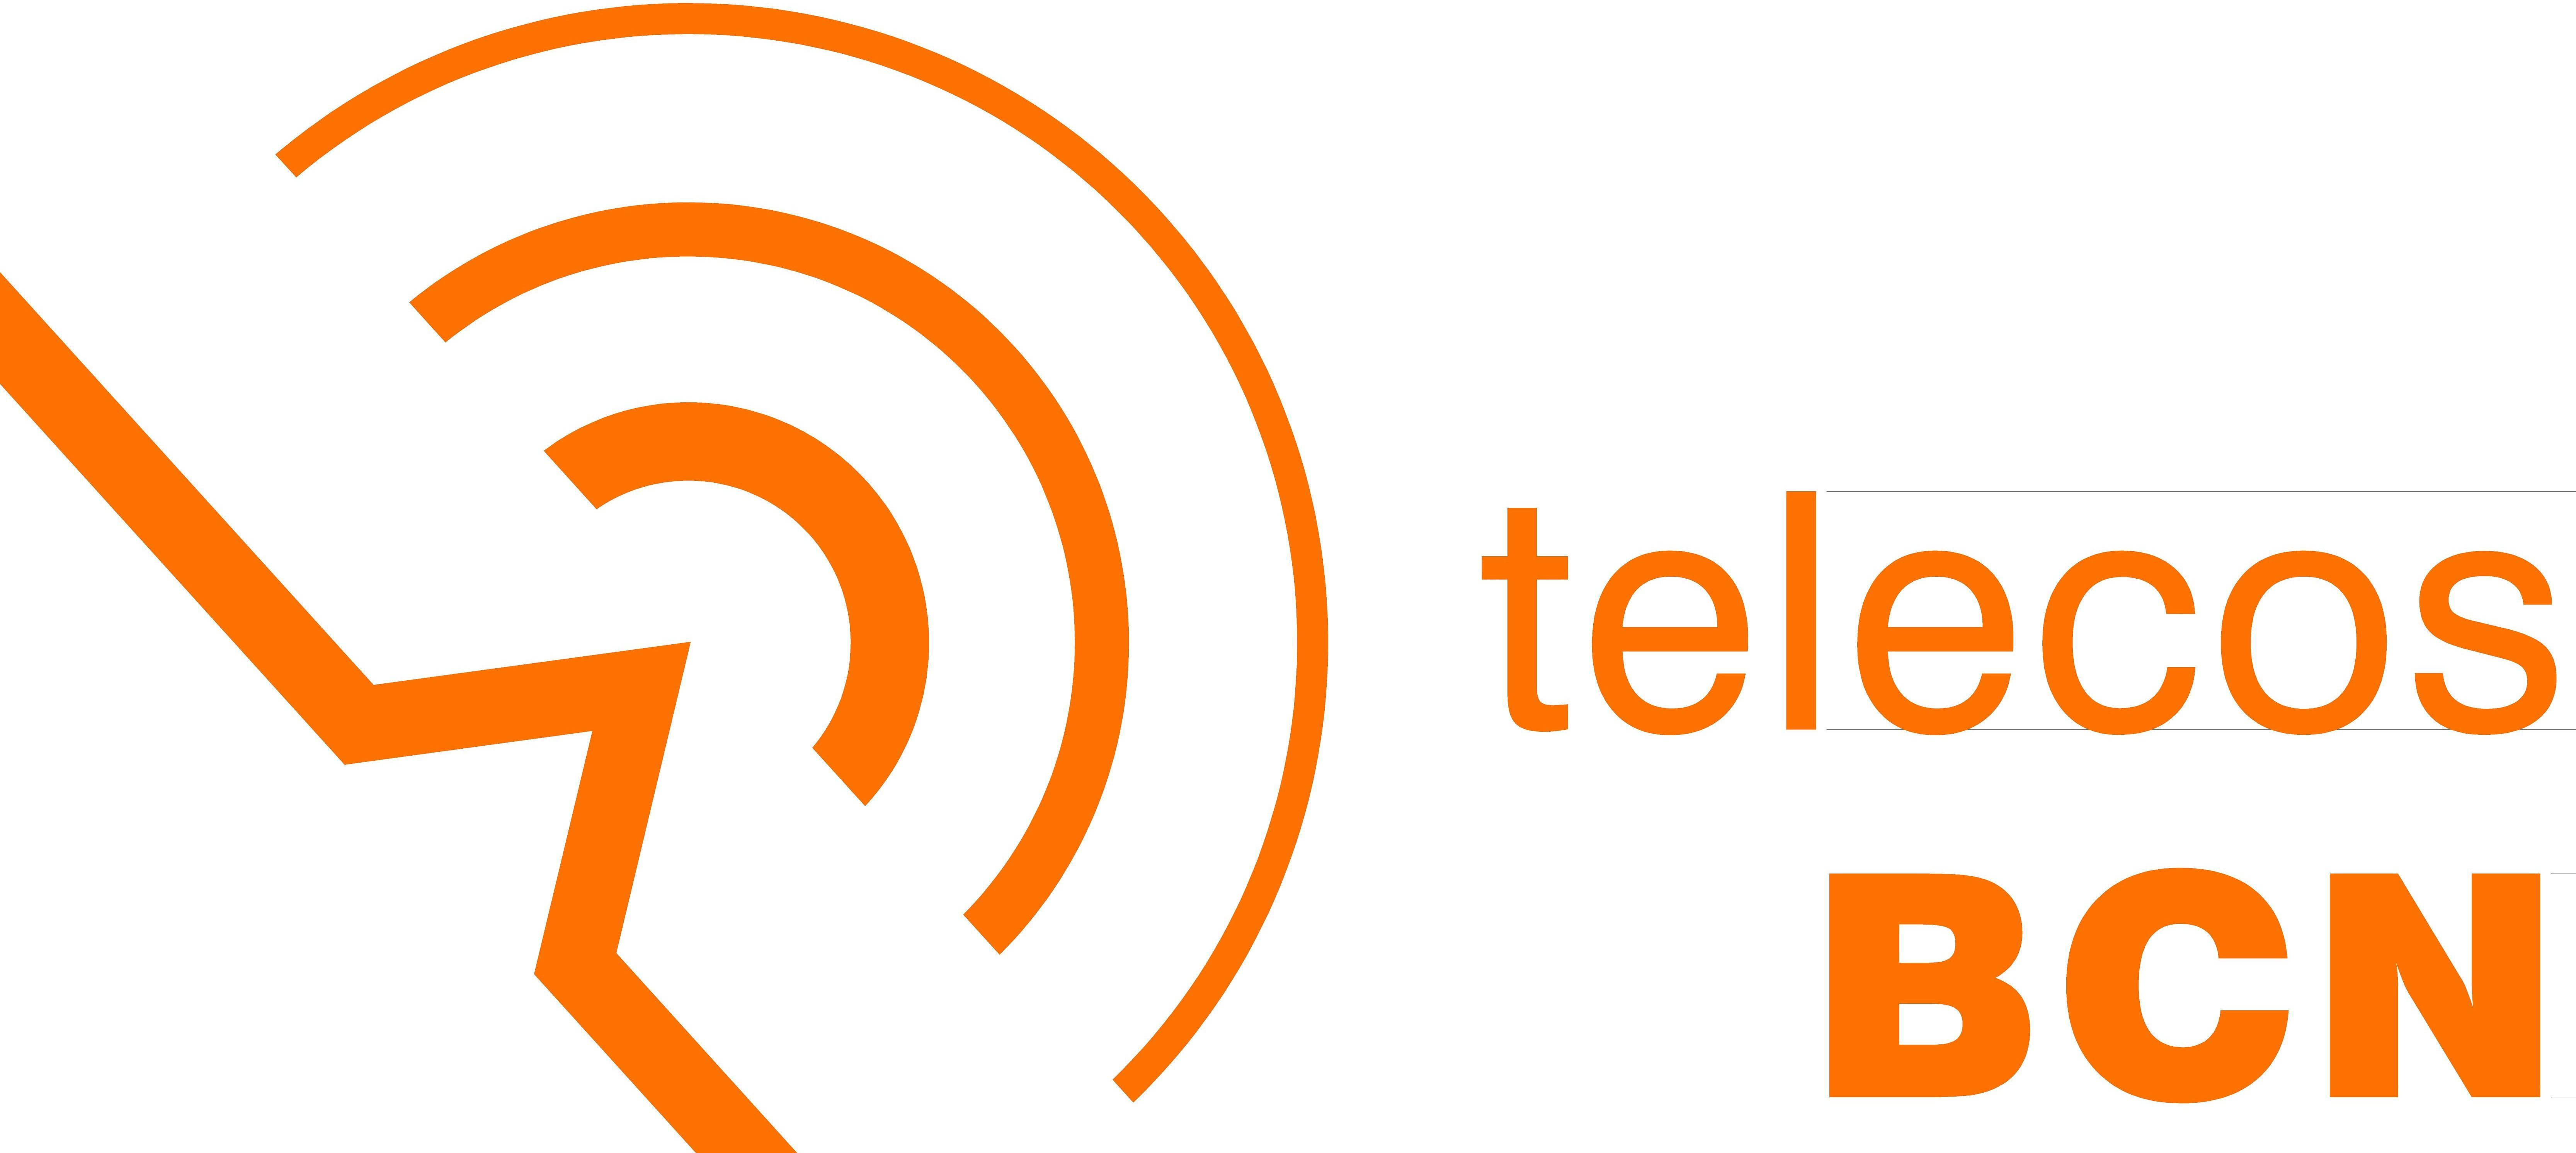 telecos-bcn, (obriu en una finestra nova)